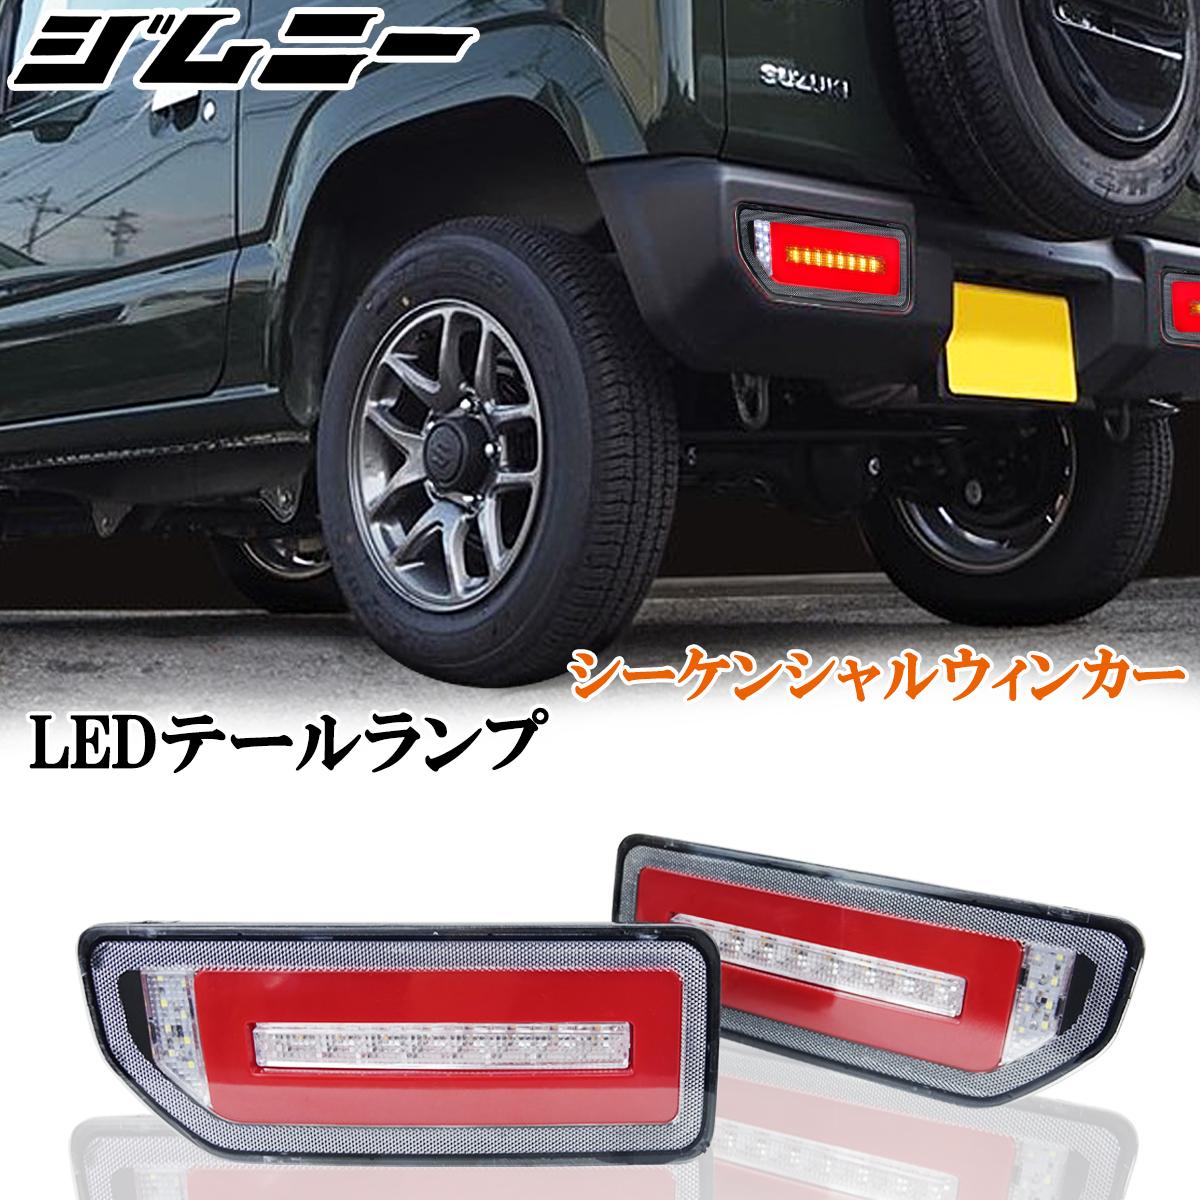 新型 ジムニー JB64W ジムニーシエラ JB74W LED テールランプ シーケンシャル 流れるウィンカー クリア 赤 ファイバー ストップランプ